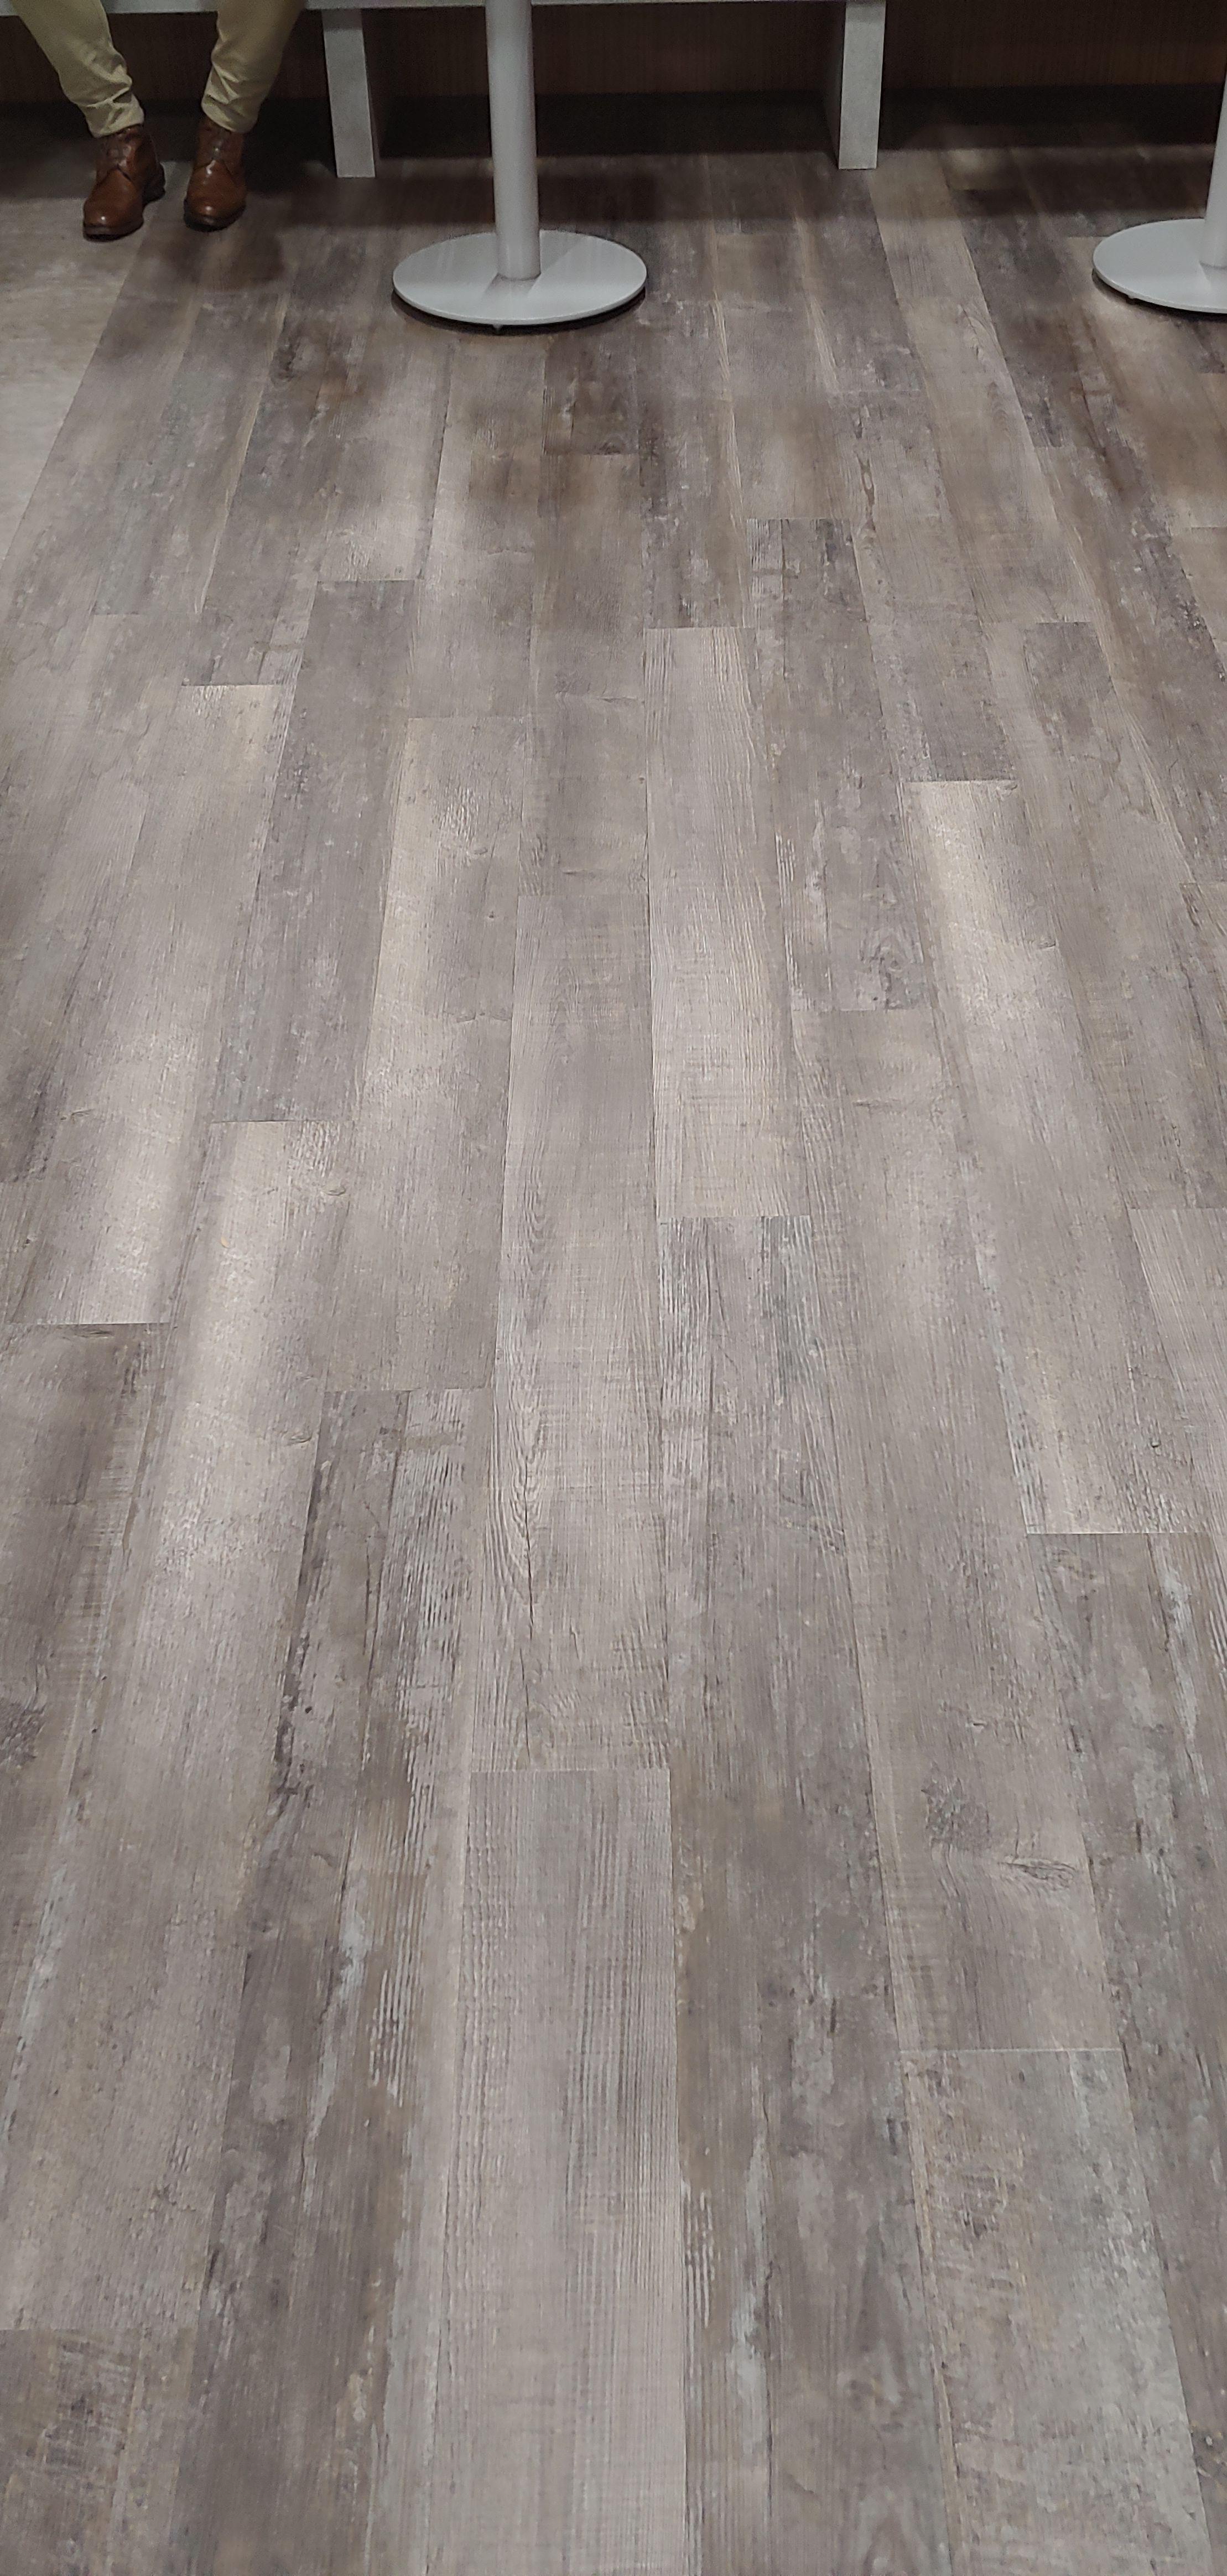 Please Learn More By Going To Our Website Https Capellflooring Com Boise S Choice For Flooring Flooring Hardwood Tile Tarkett Vinyl Flooring Hardwood